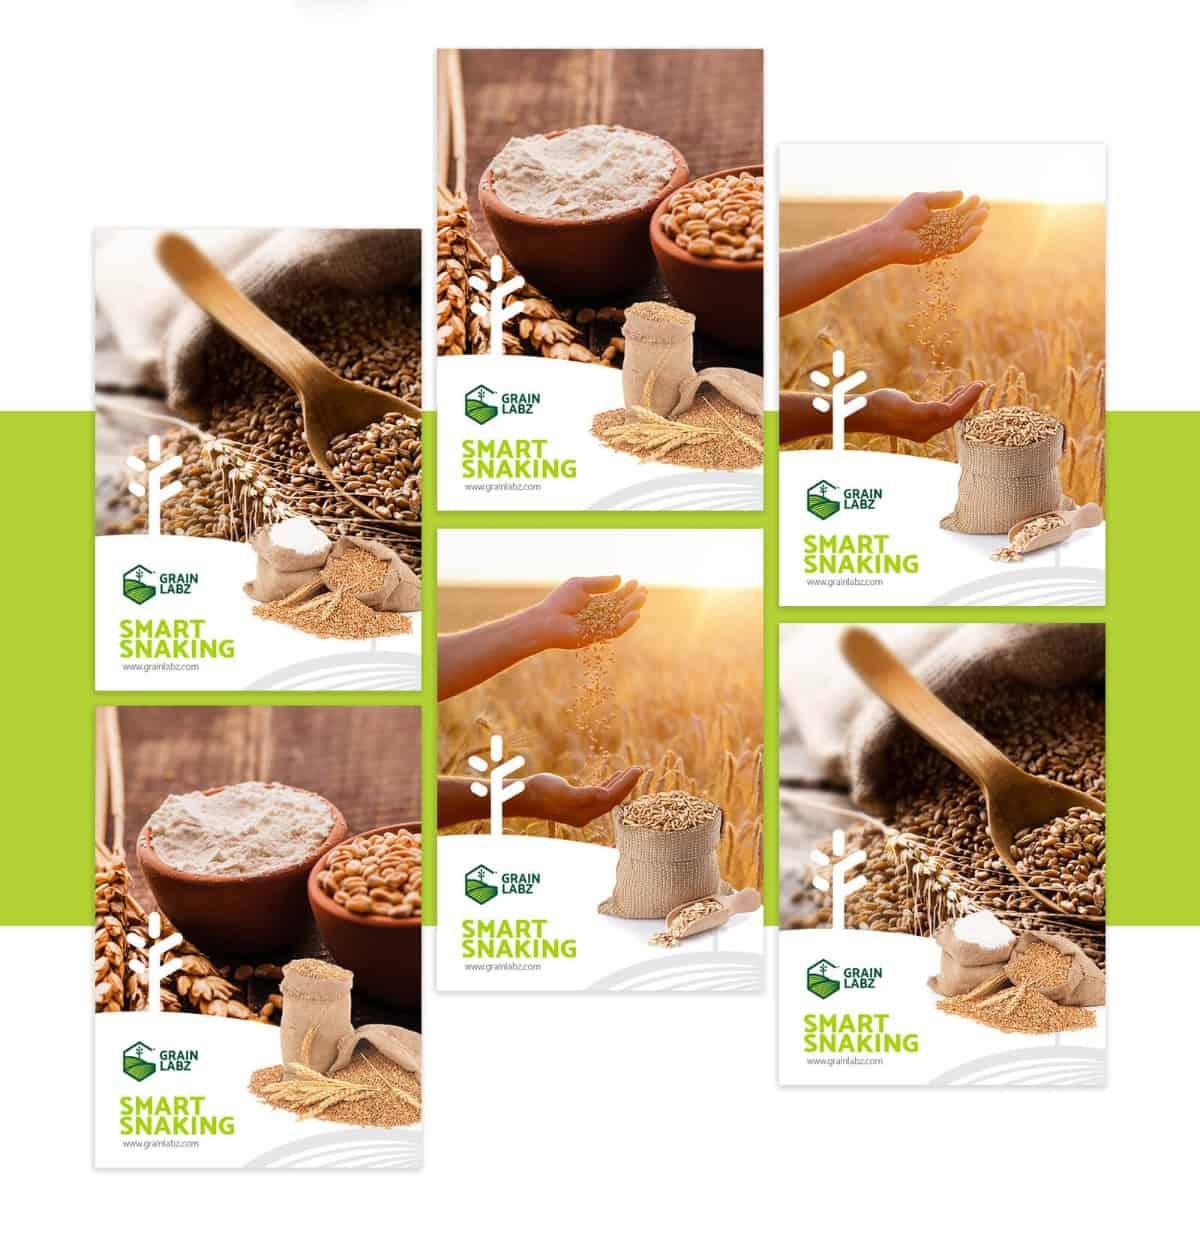 LOGO設計/食品/麥類